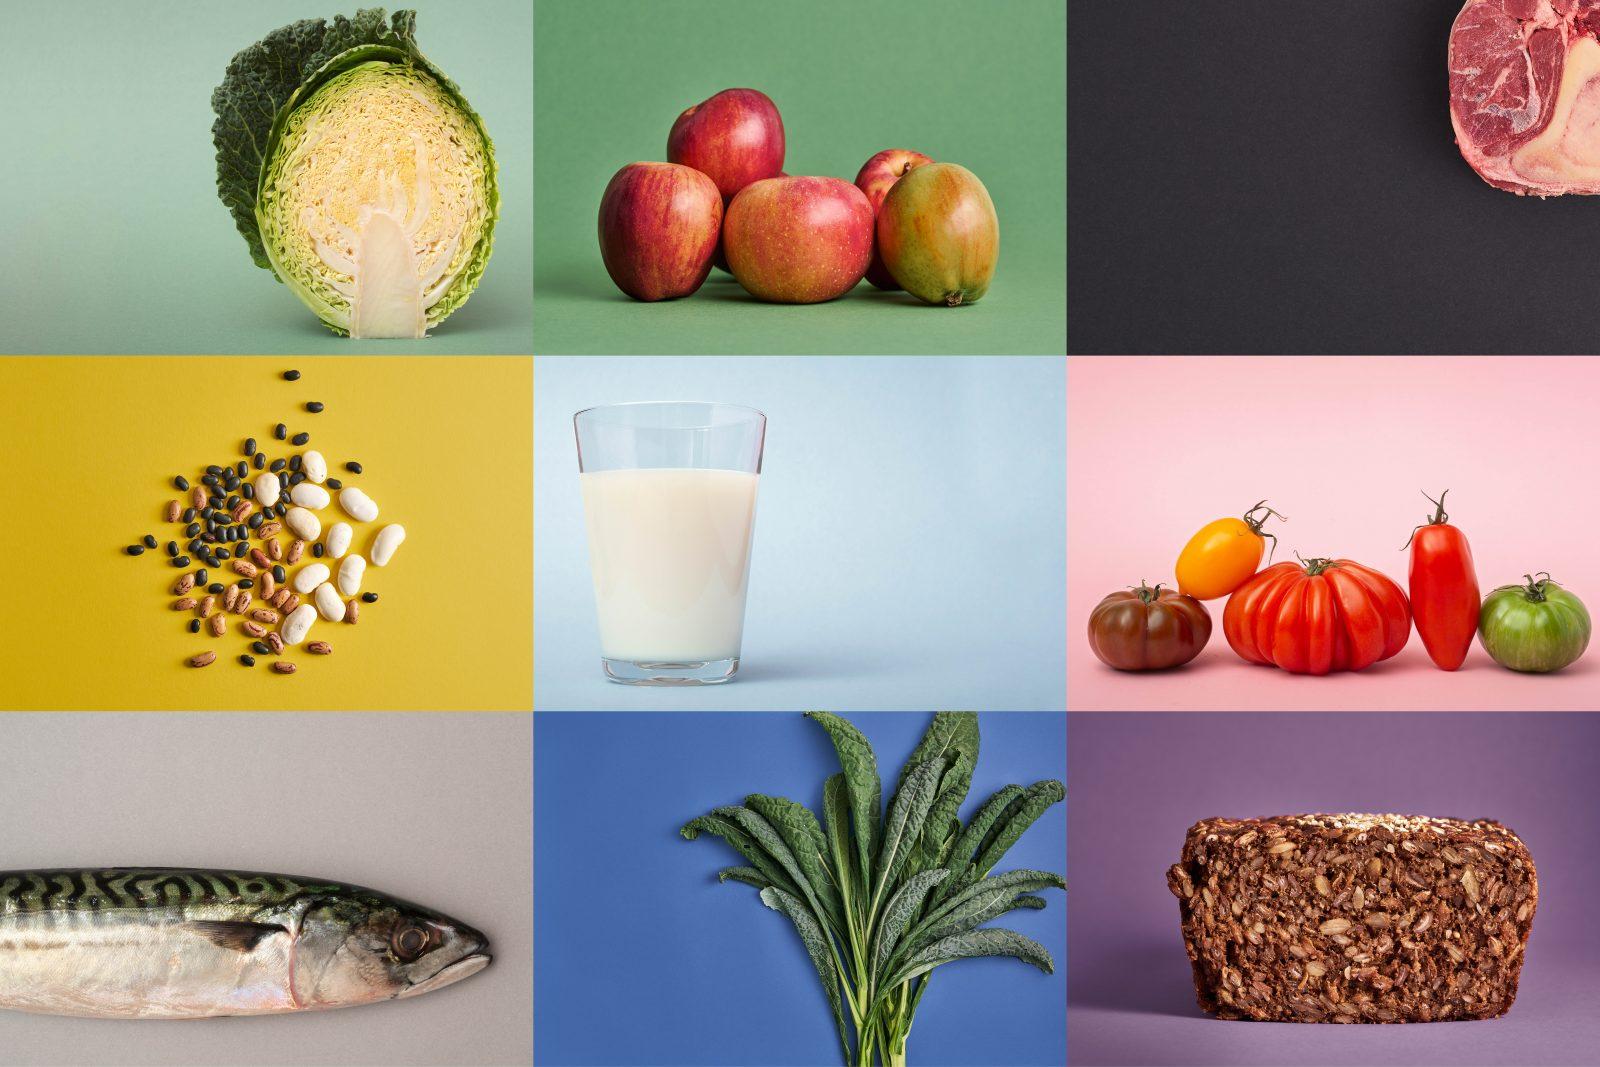 Sund mad illustreret af forskellige madvarer